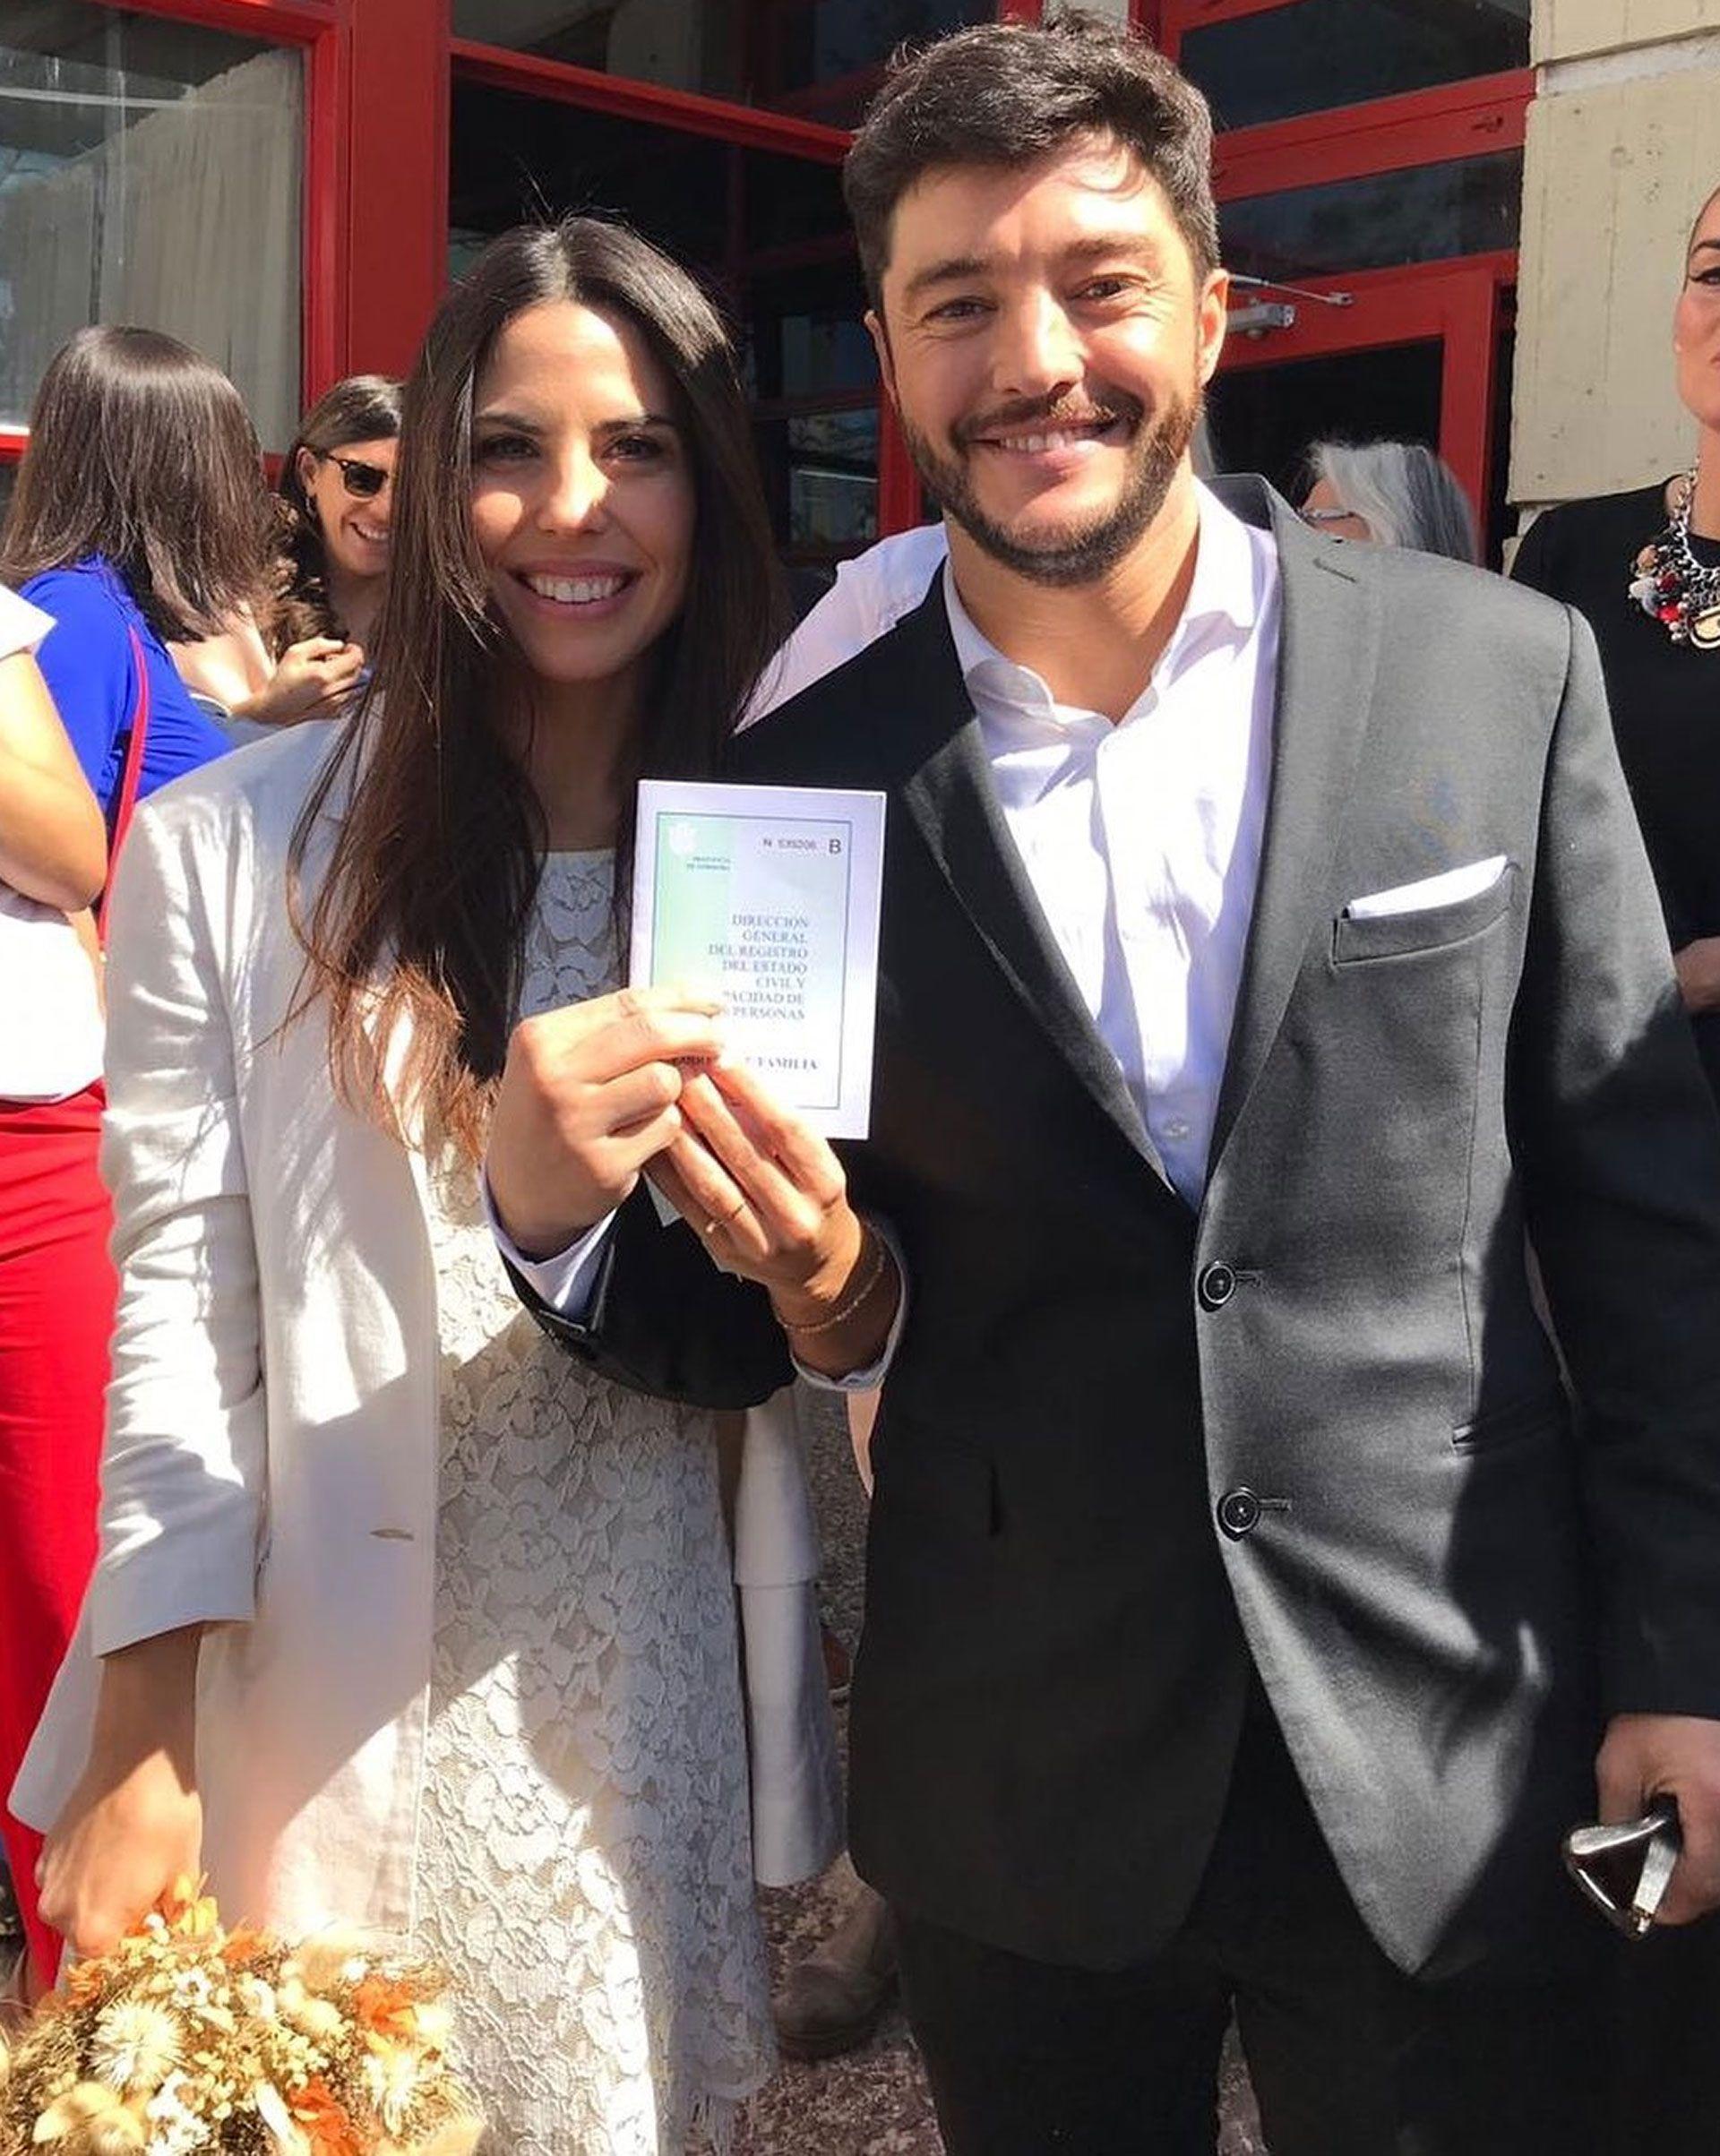 Este sábado, la pareja celebrará con familiares y amigos una gran fiesta en Pilar. Romina Ferraretto se encarga de organizar la boda y Claudia Arce diseñará el vestido de la novia (Instagram)